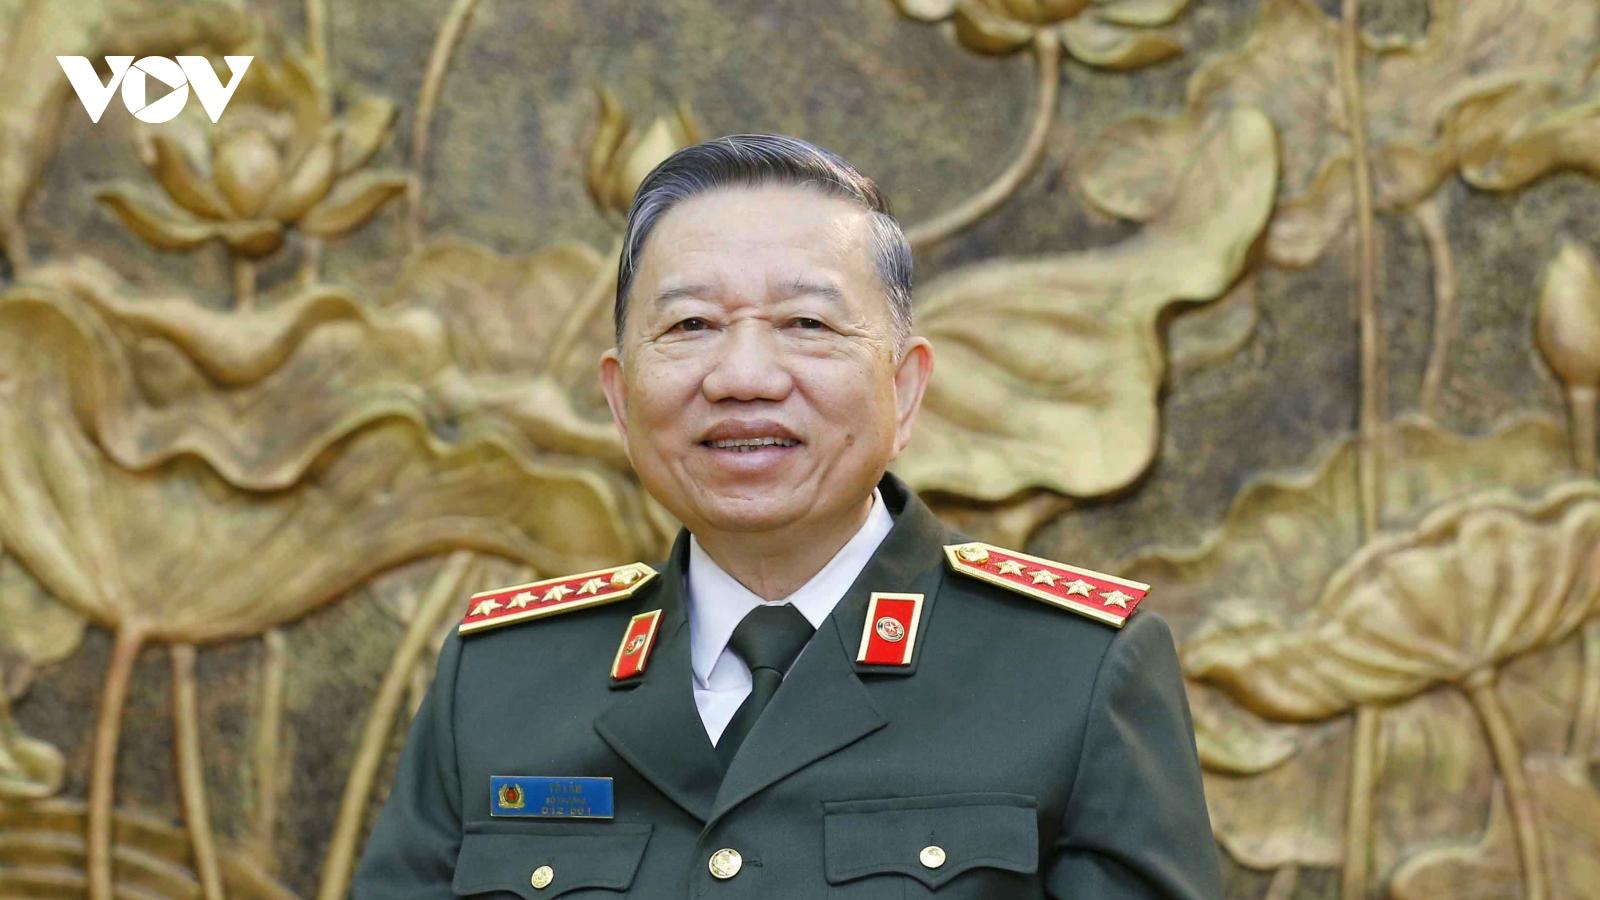 Đại tướng Tô Lâm: Công tác bảo đảm an ninh quốc gia được triển khai toàn diện